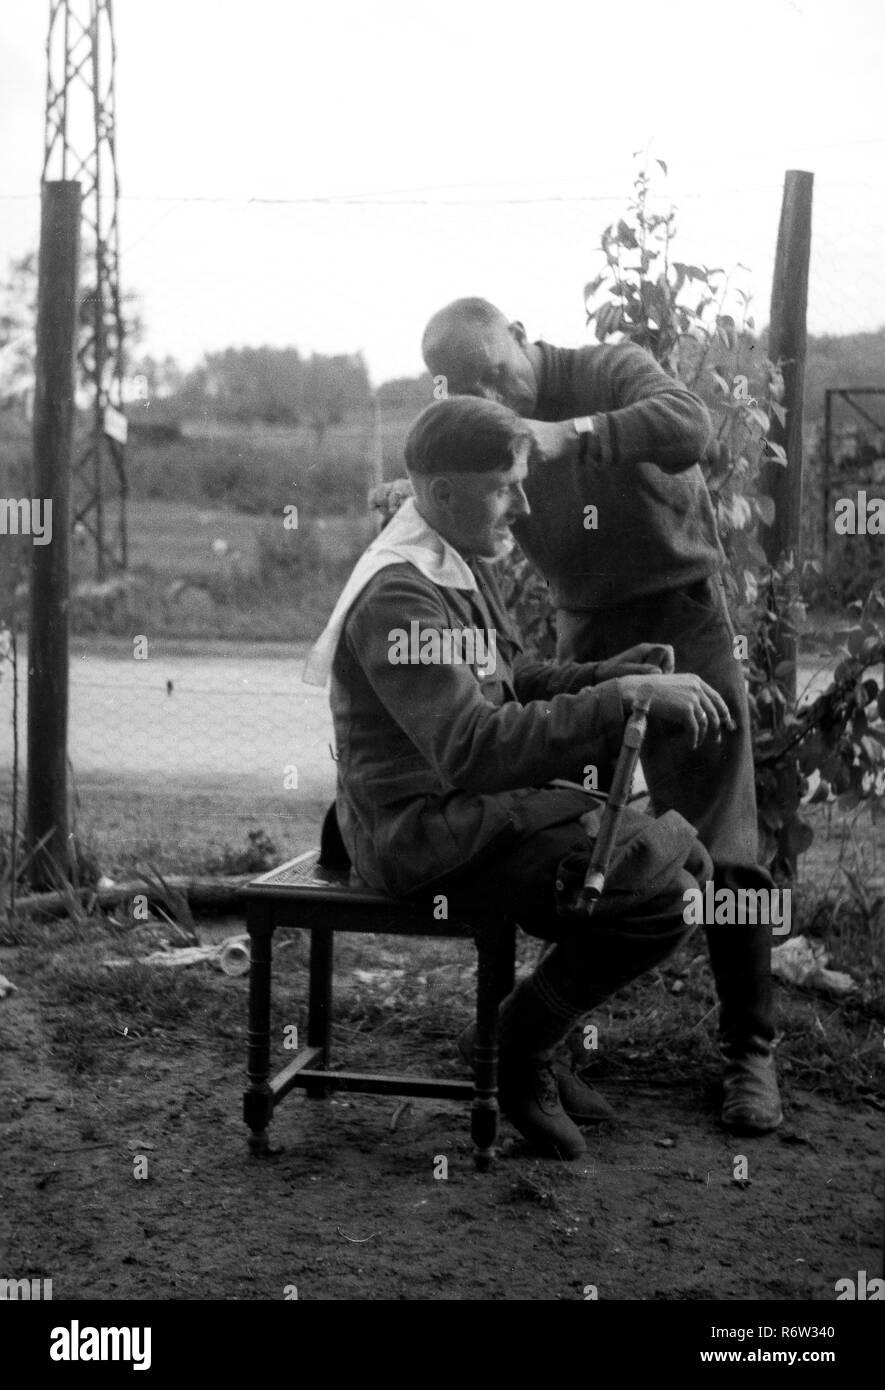 1940 Ww 2 Deutsche Soldaten Erhalten Eine Hitler Stil Der Haare